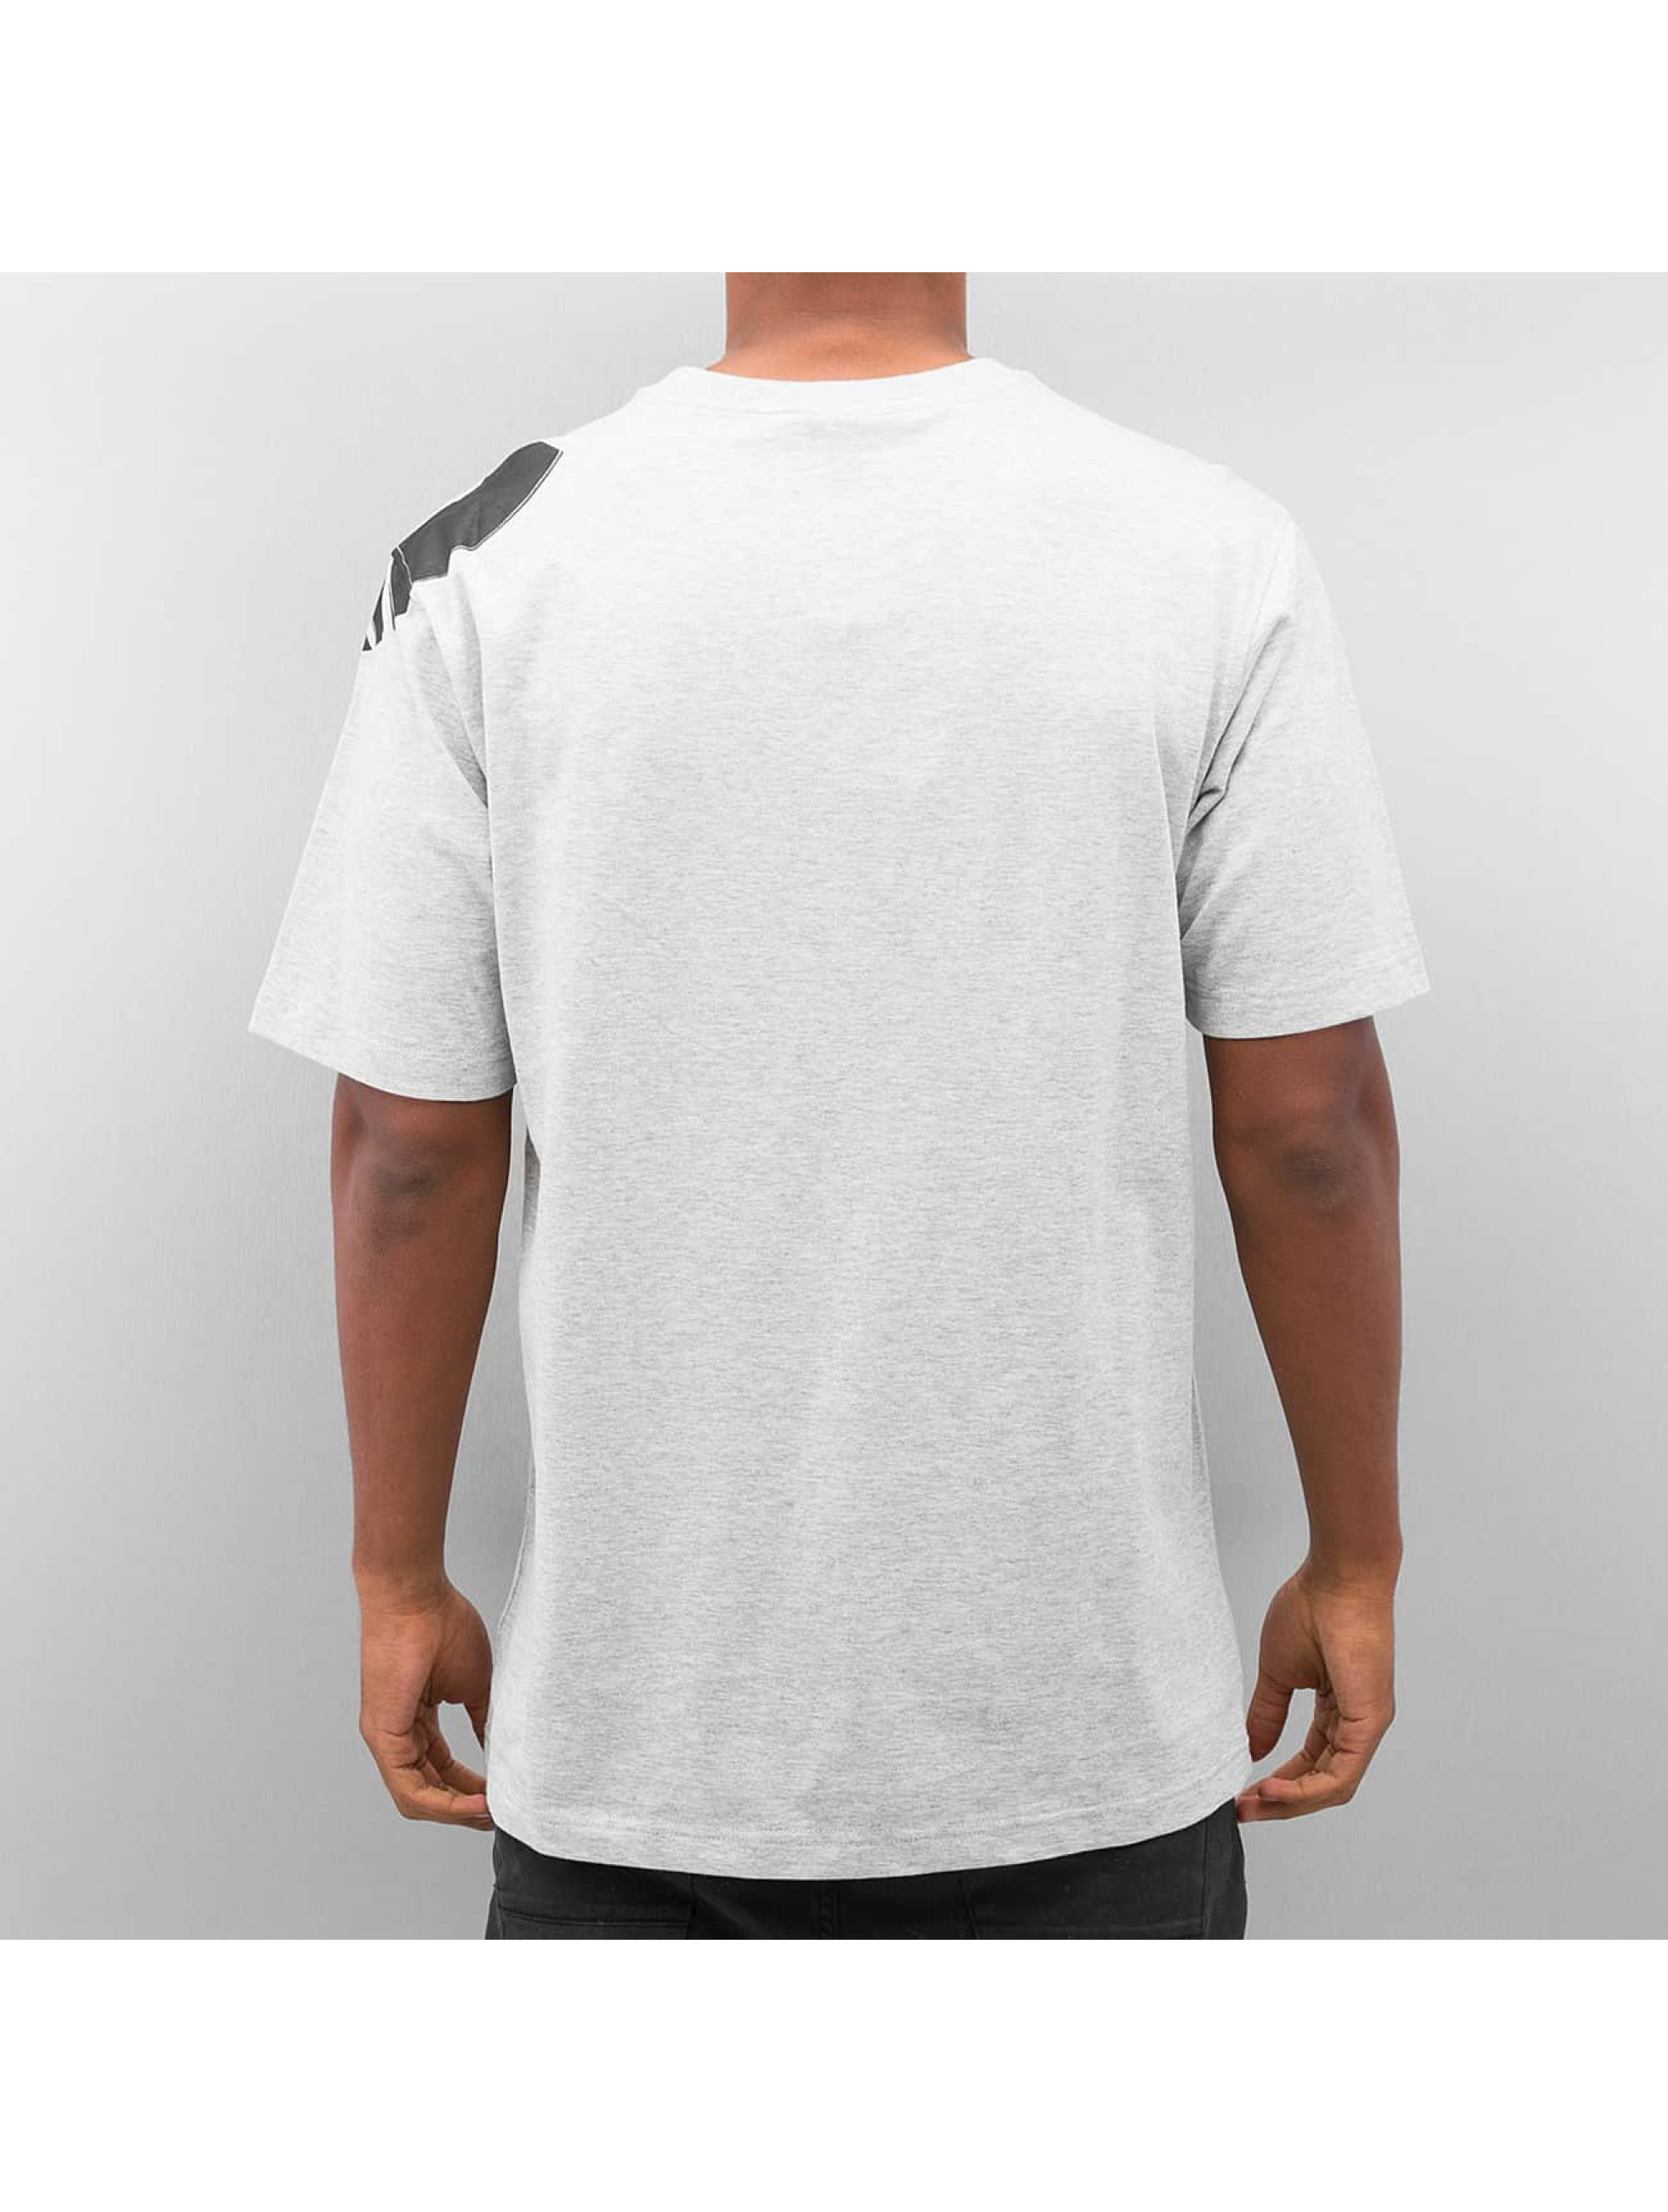 Pelle Pelle t-shirt Demolition grijs